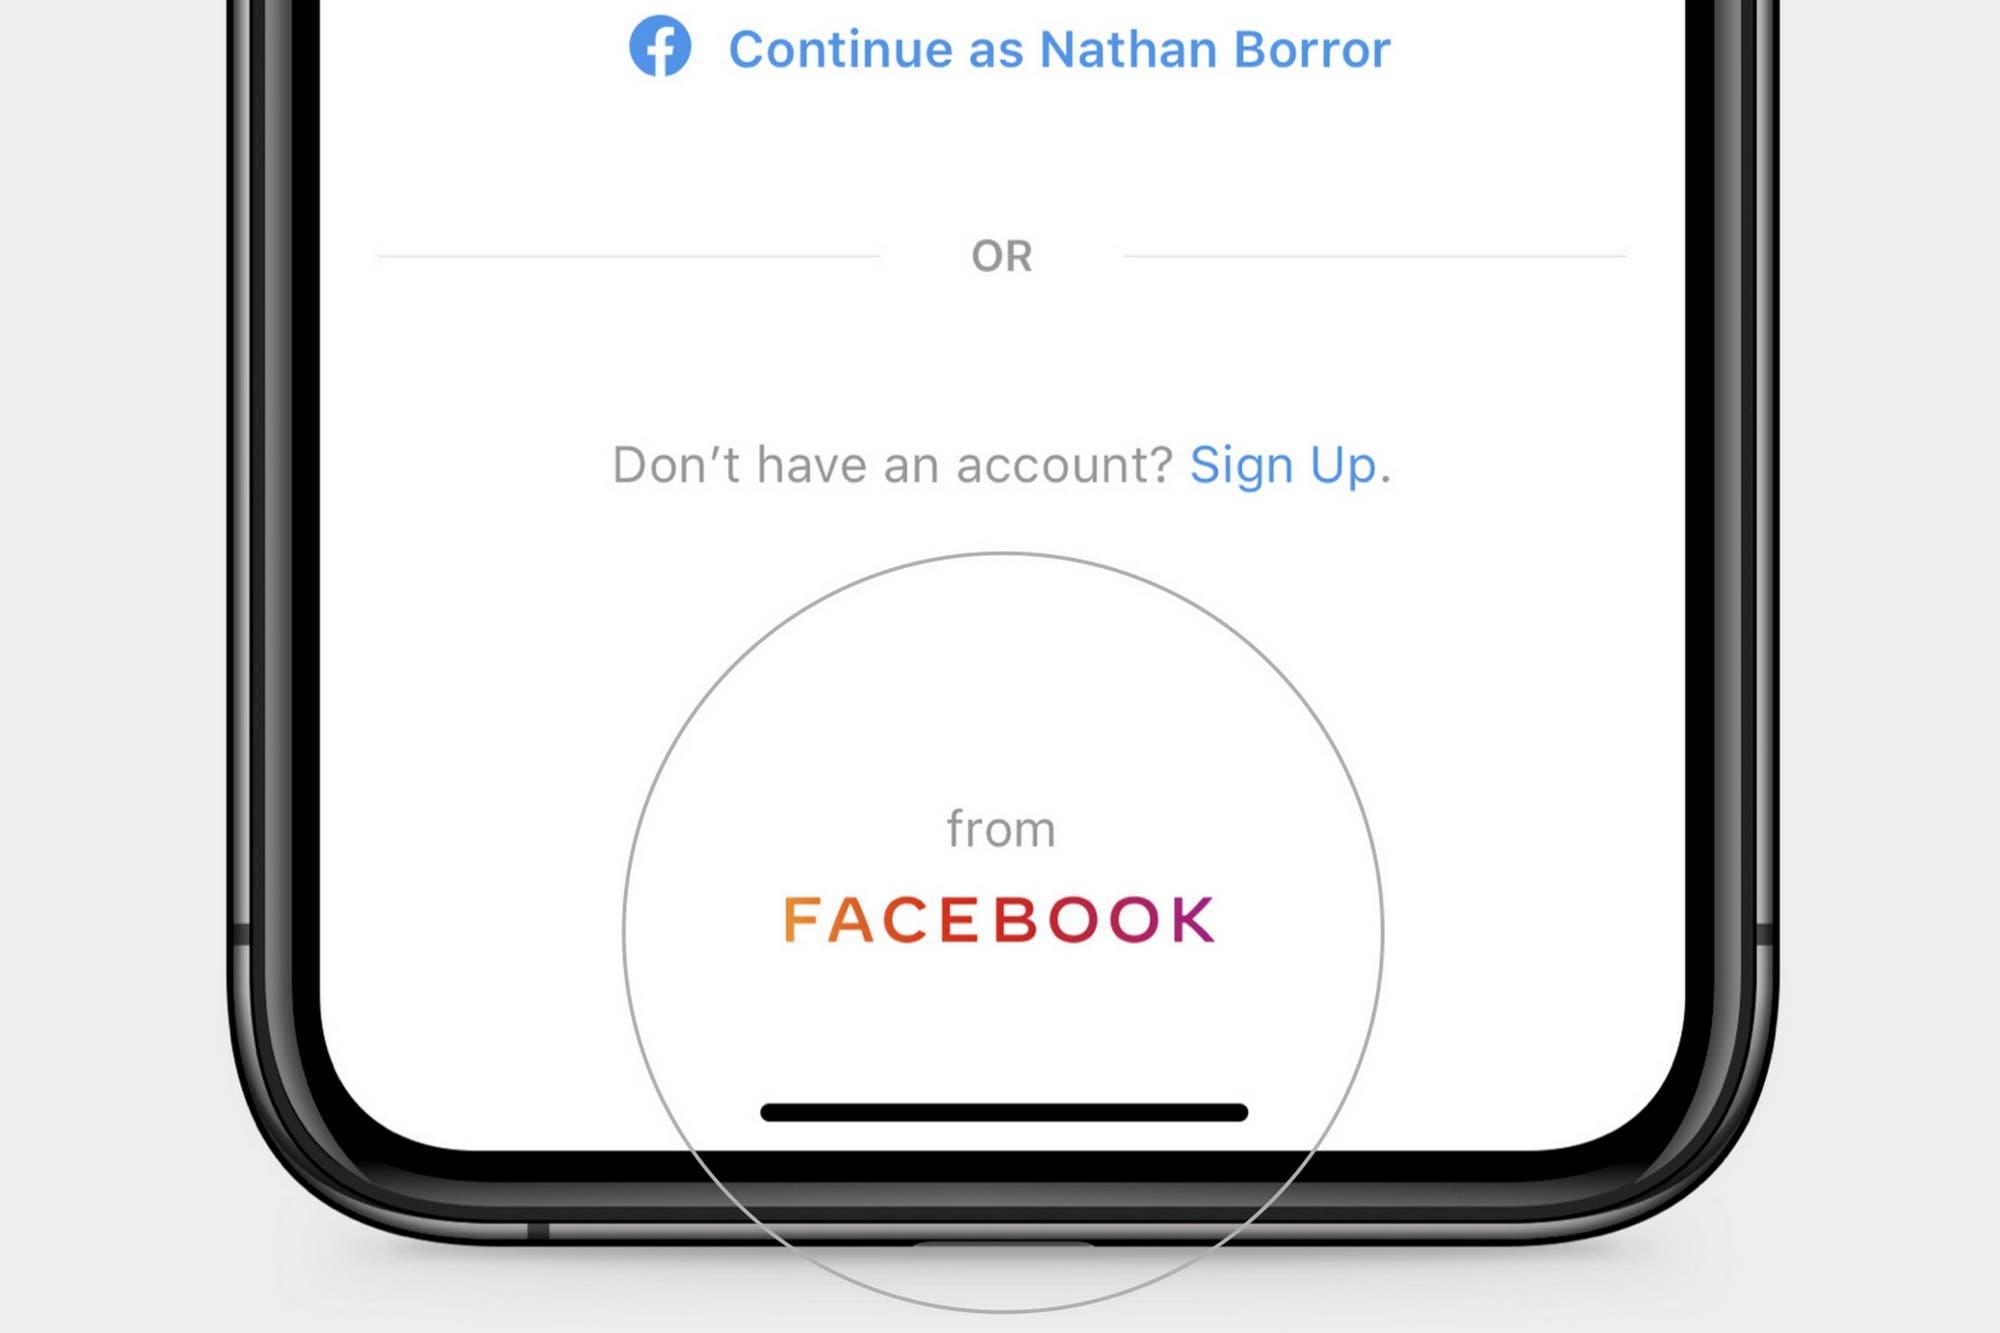 Cambio de imagen: así es el nuevo logo que Facebook utilizará en Instagram, WhatsApp y Oculus